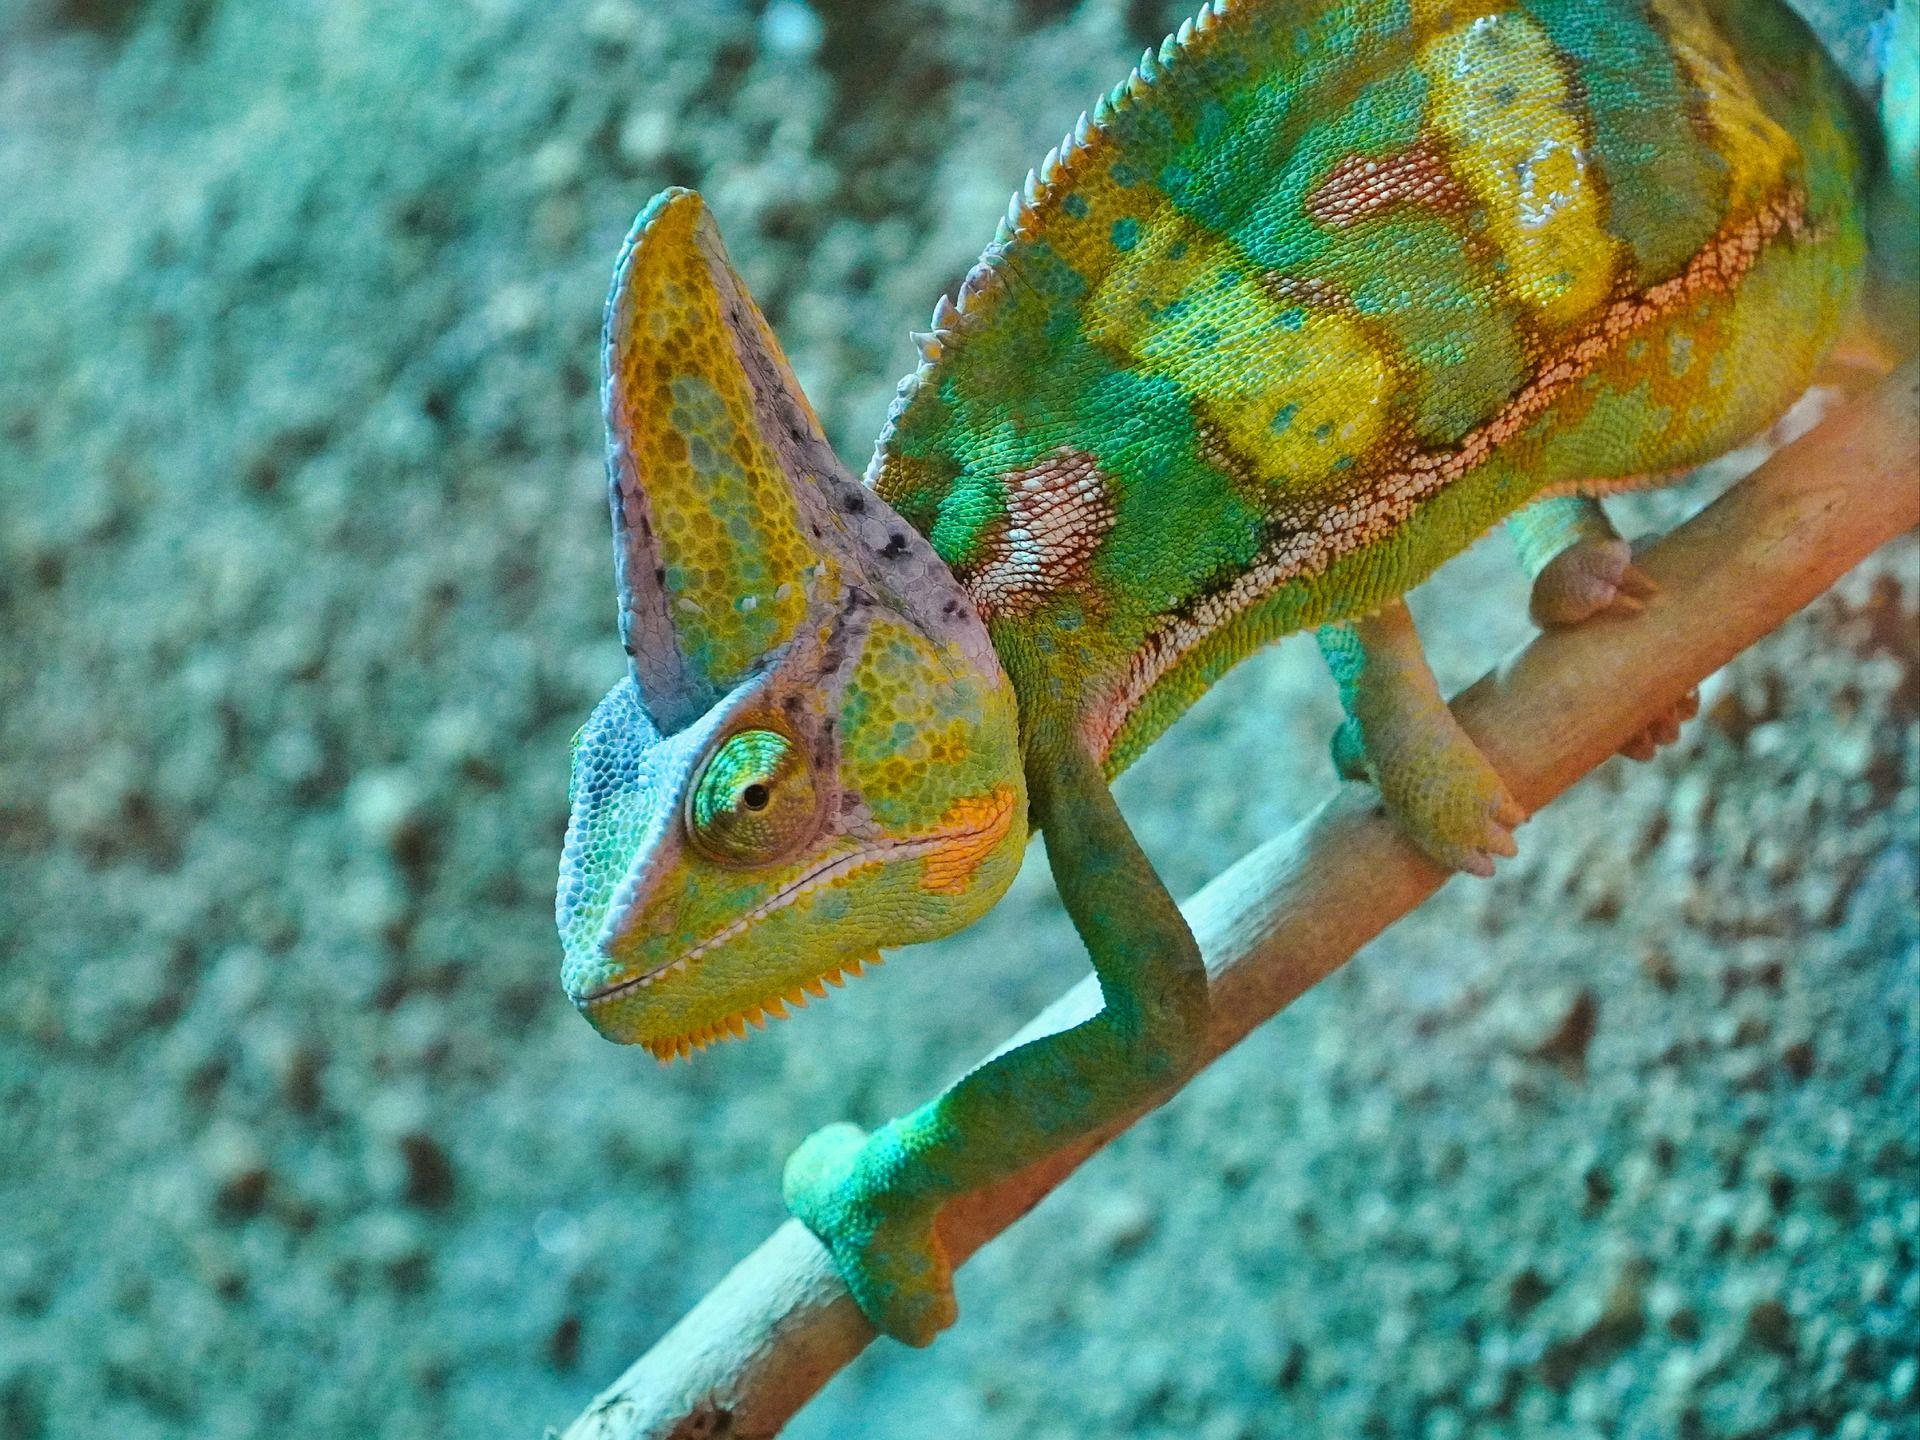 Красивое фото необычного хамелиона